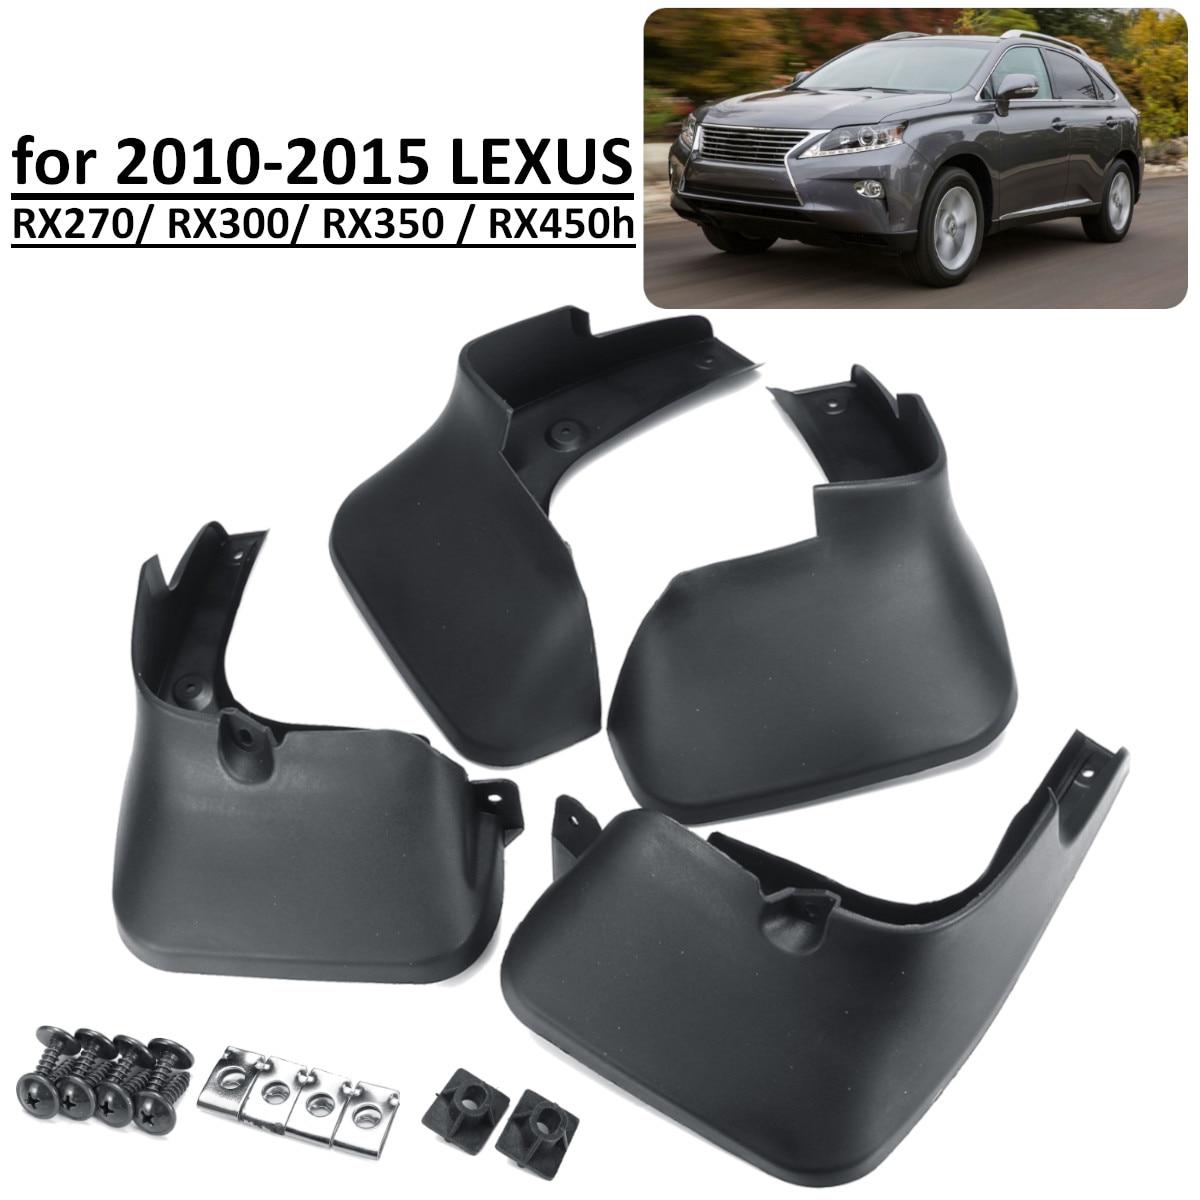 Guardabarros de coche para LEXUS RX RX270 RX300 RX350 RX450H 2010-2015 Splash guardias Mudflaps accesorios guardabarros